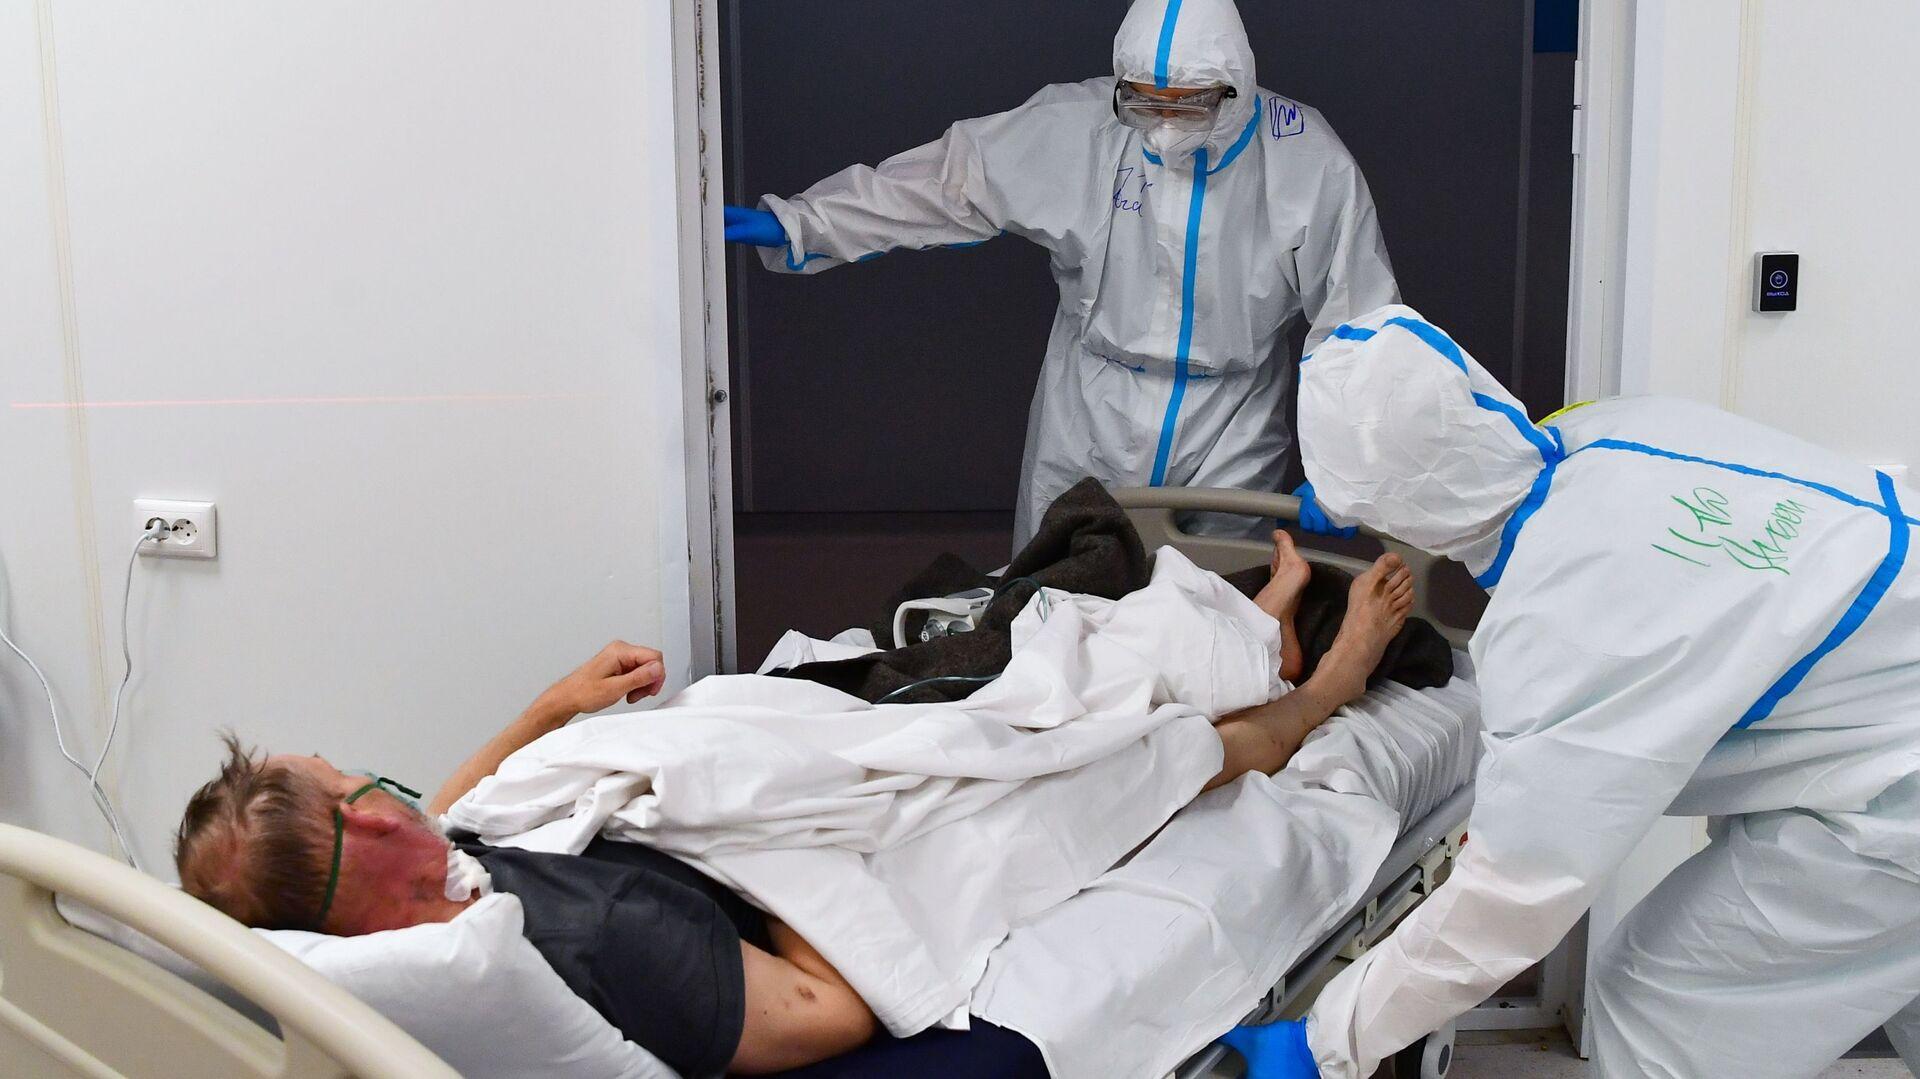 Пандемия коронавируса - врачи лечат зараженного COVID-19 в больнице - Sputnik Армения, 1920, 28.09.2021